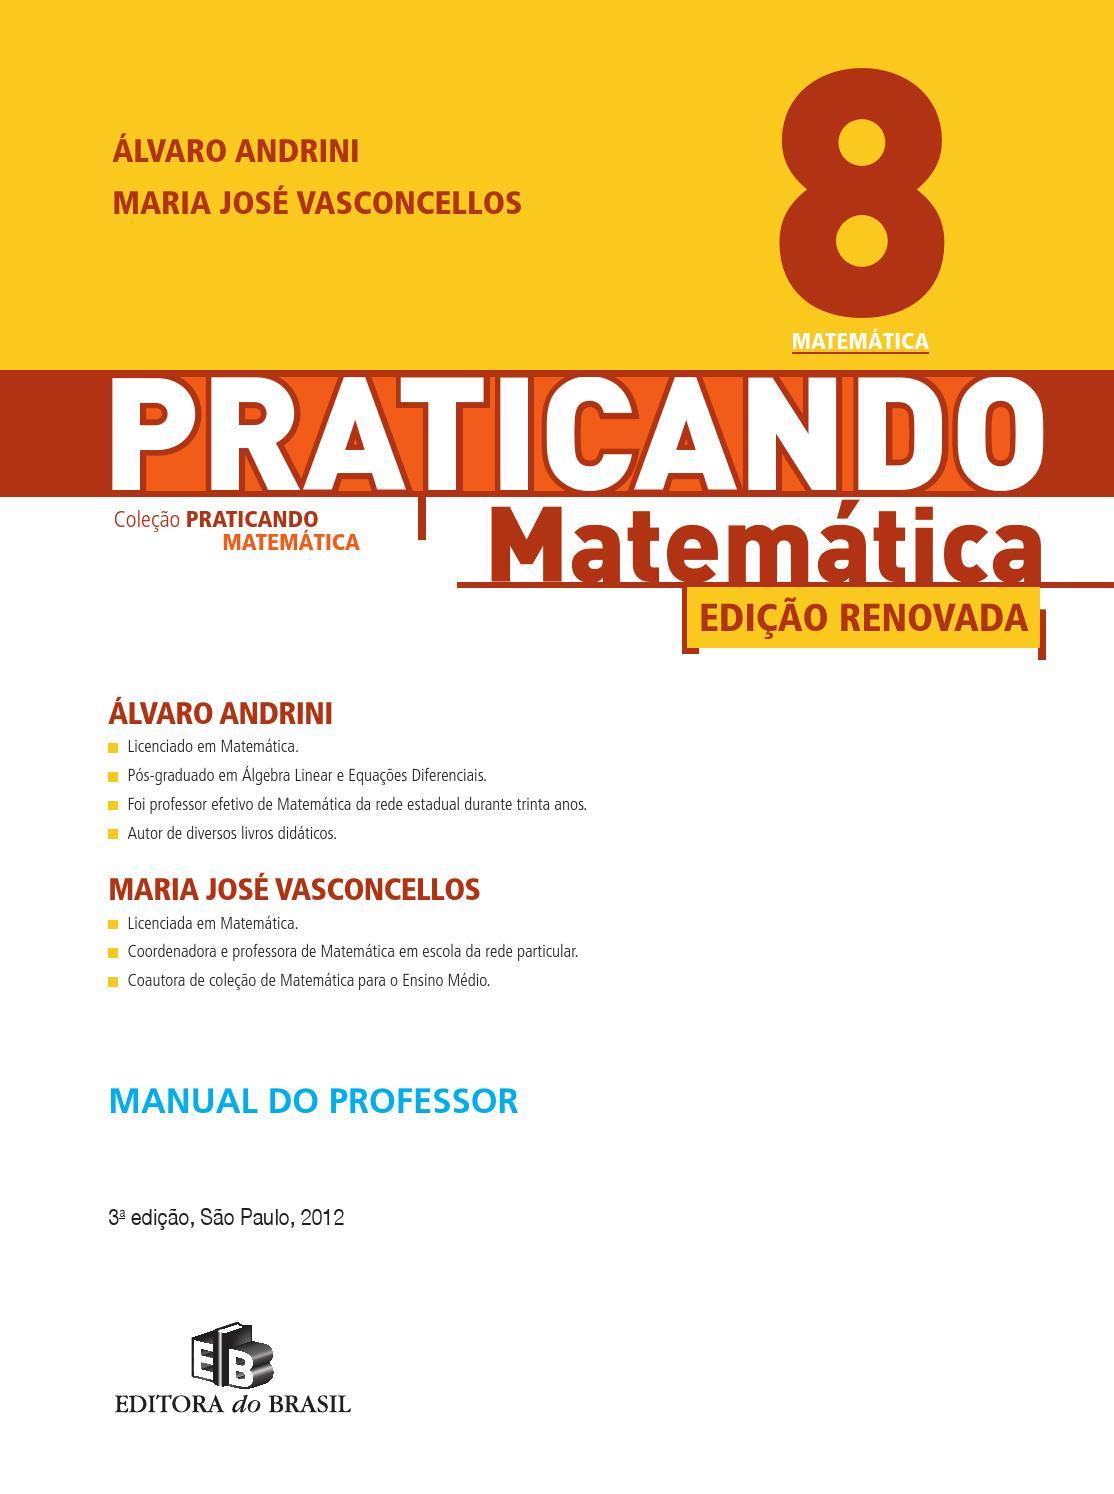 89adae448 Praticando matematica 8ano by ronaldo.cardoso - issuu